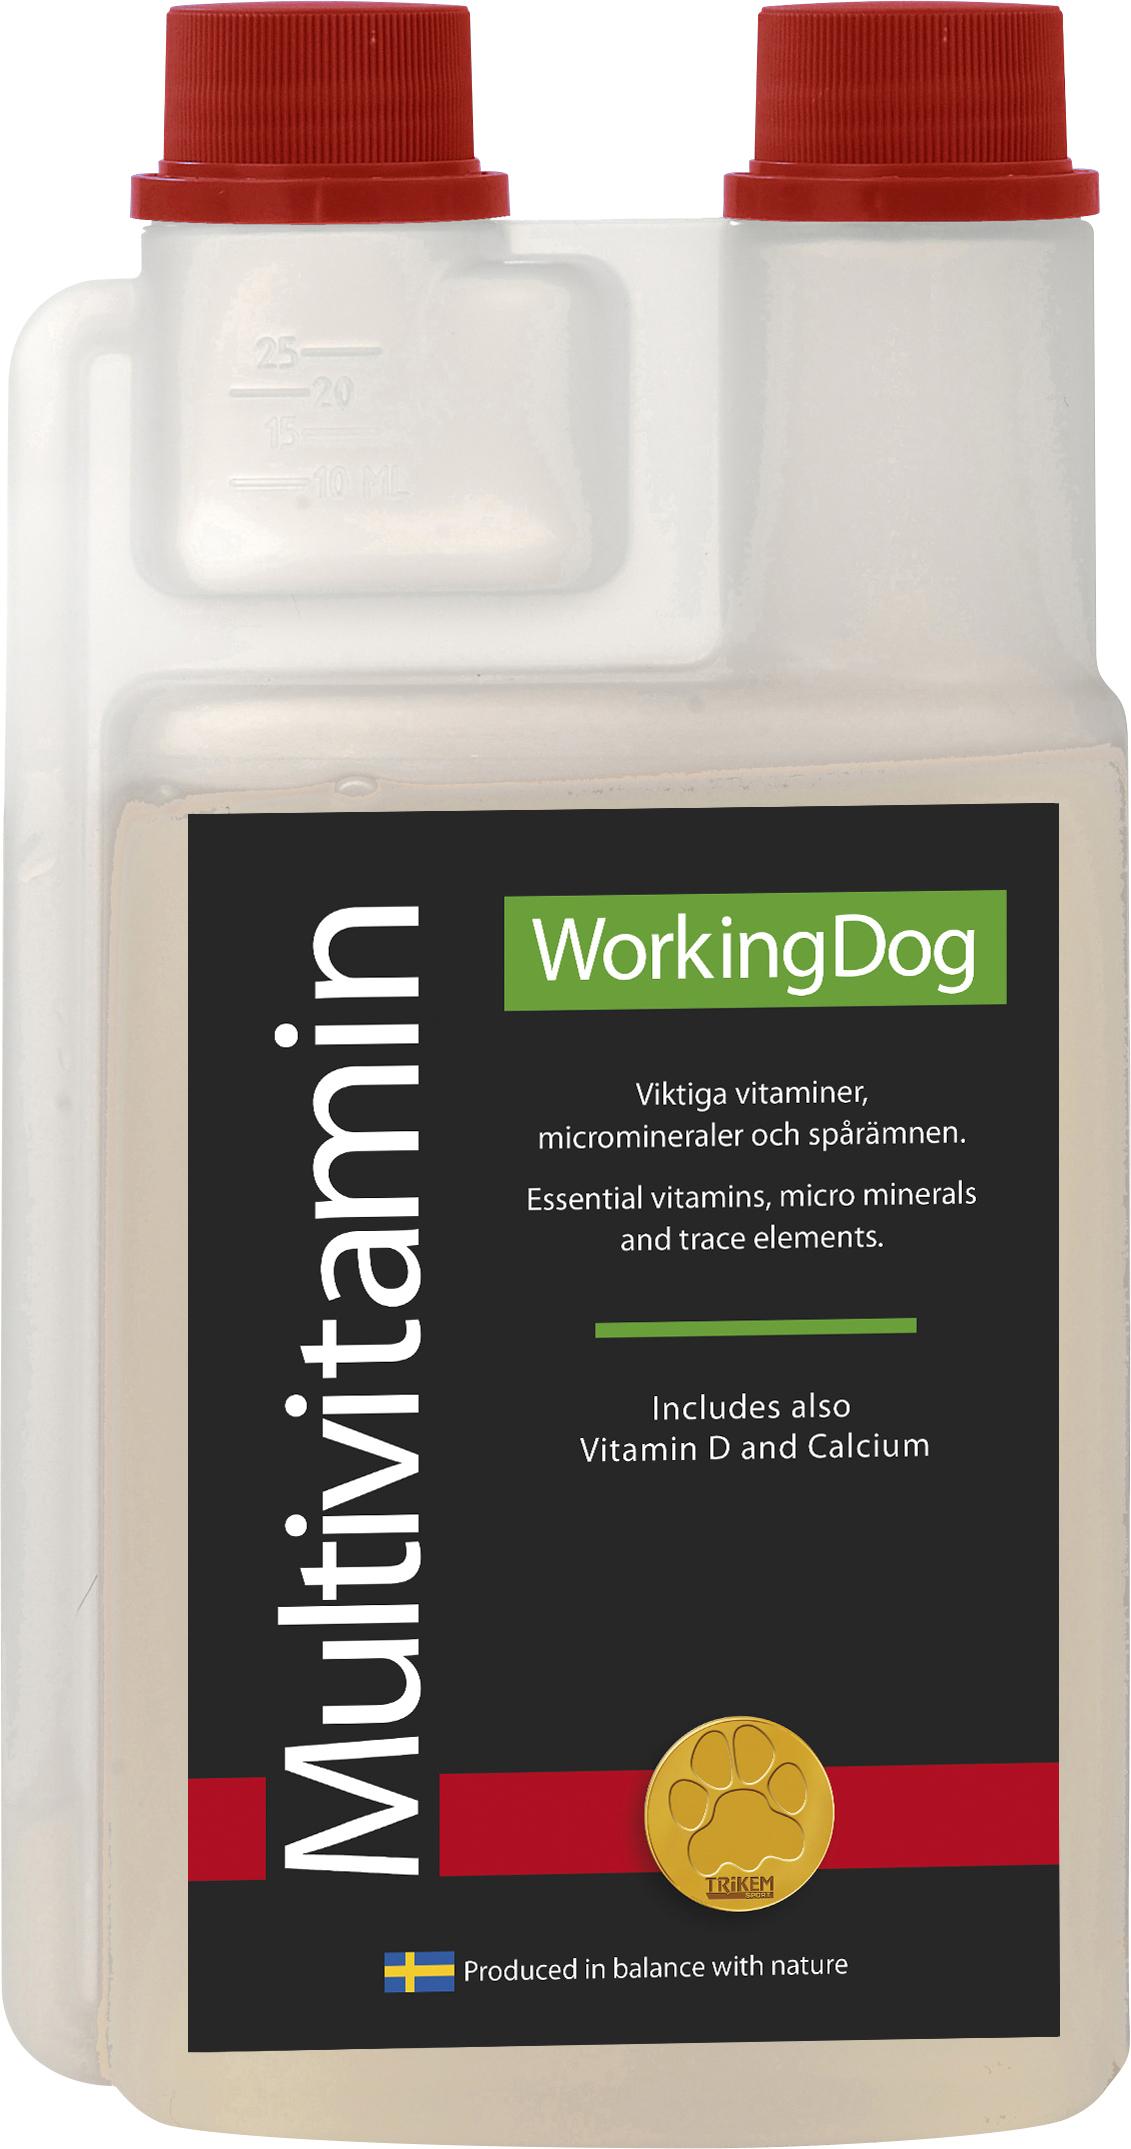 Tillskott Trikem WorkingDog Multivitamin, 500 ml